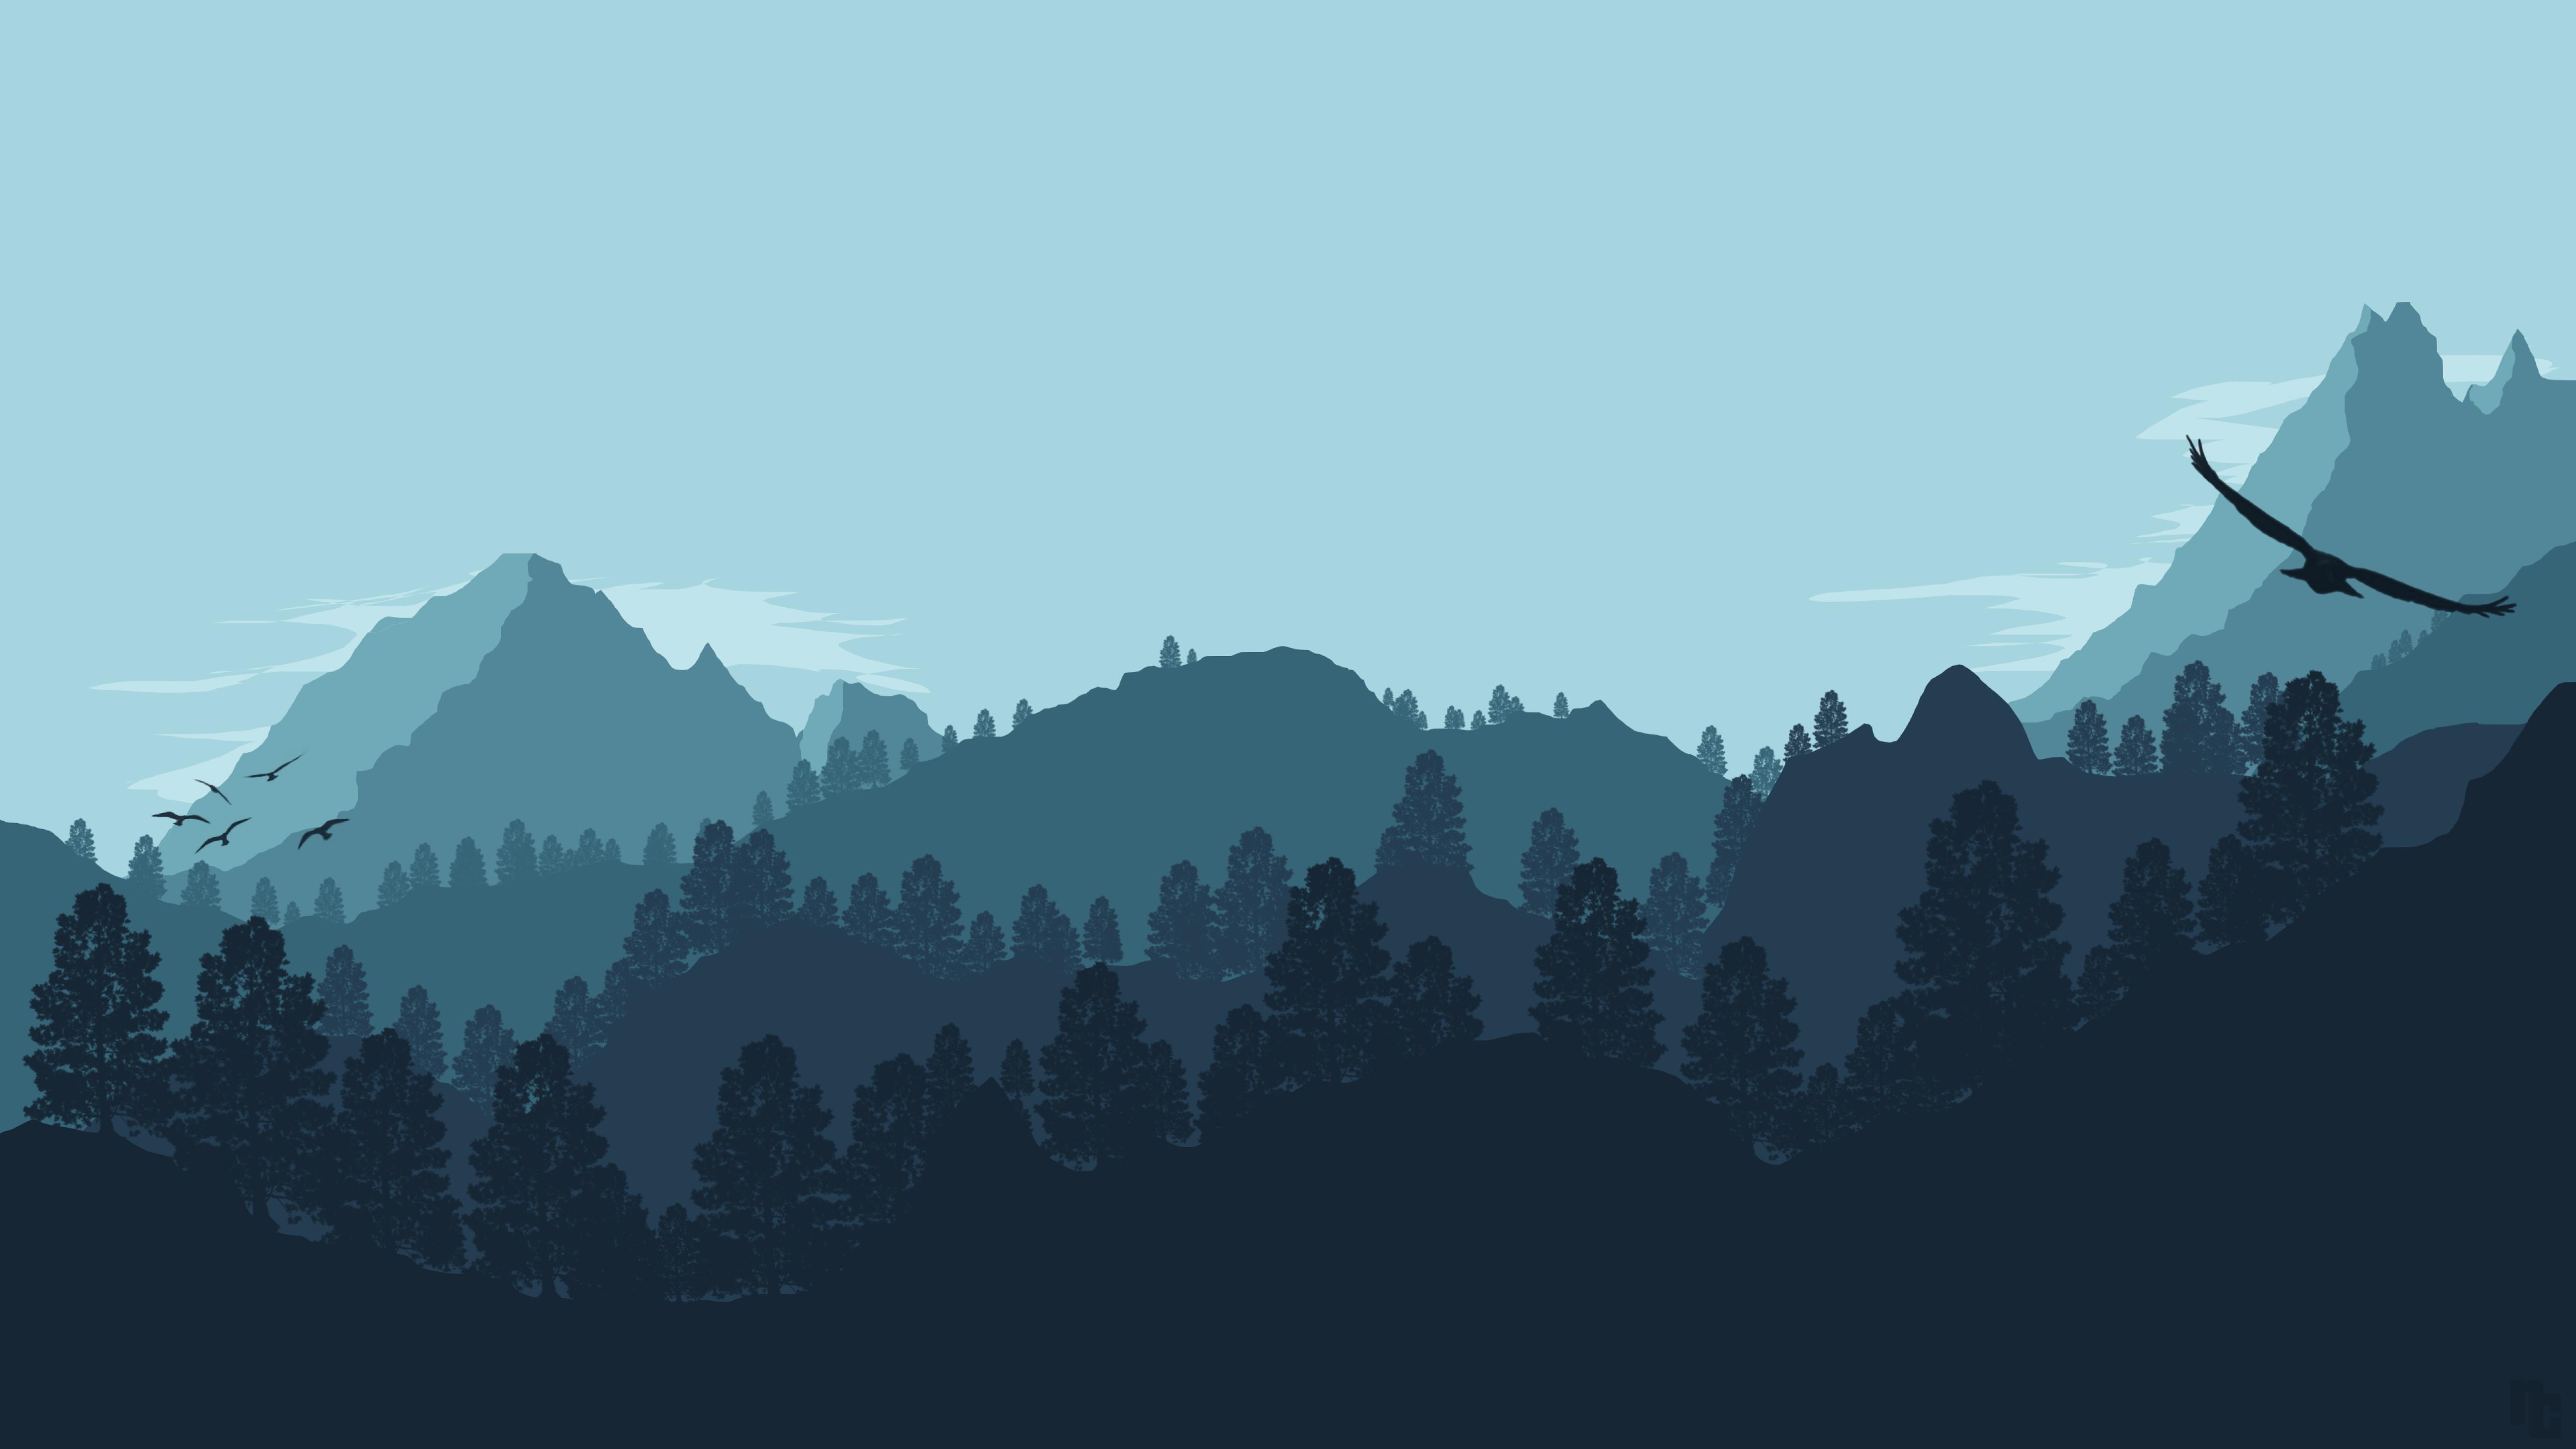 Recovery Mountain Minimalist 4k Hd Desktop Wallpaper For: Forest Mountain Artistic, HD 4K Wallpaper